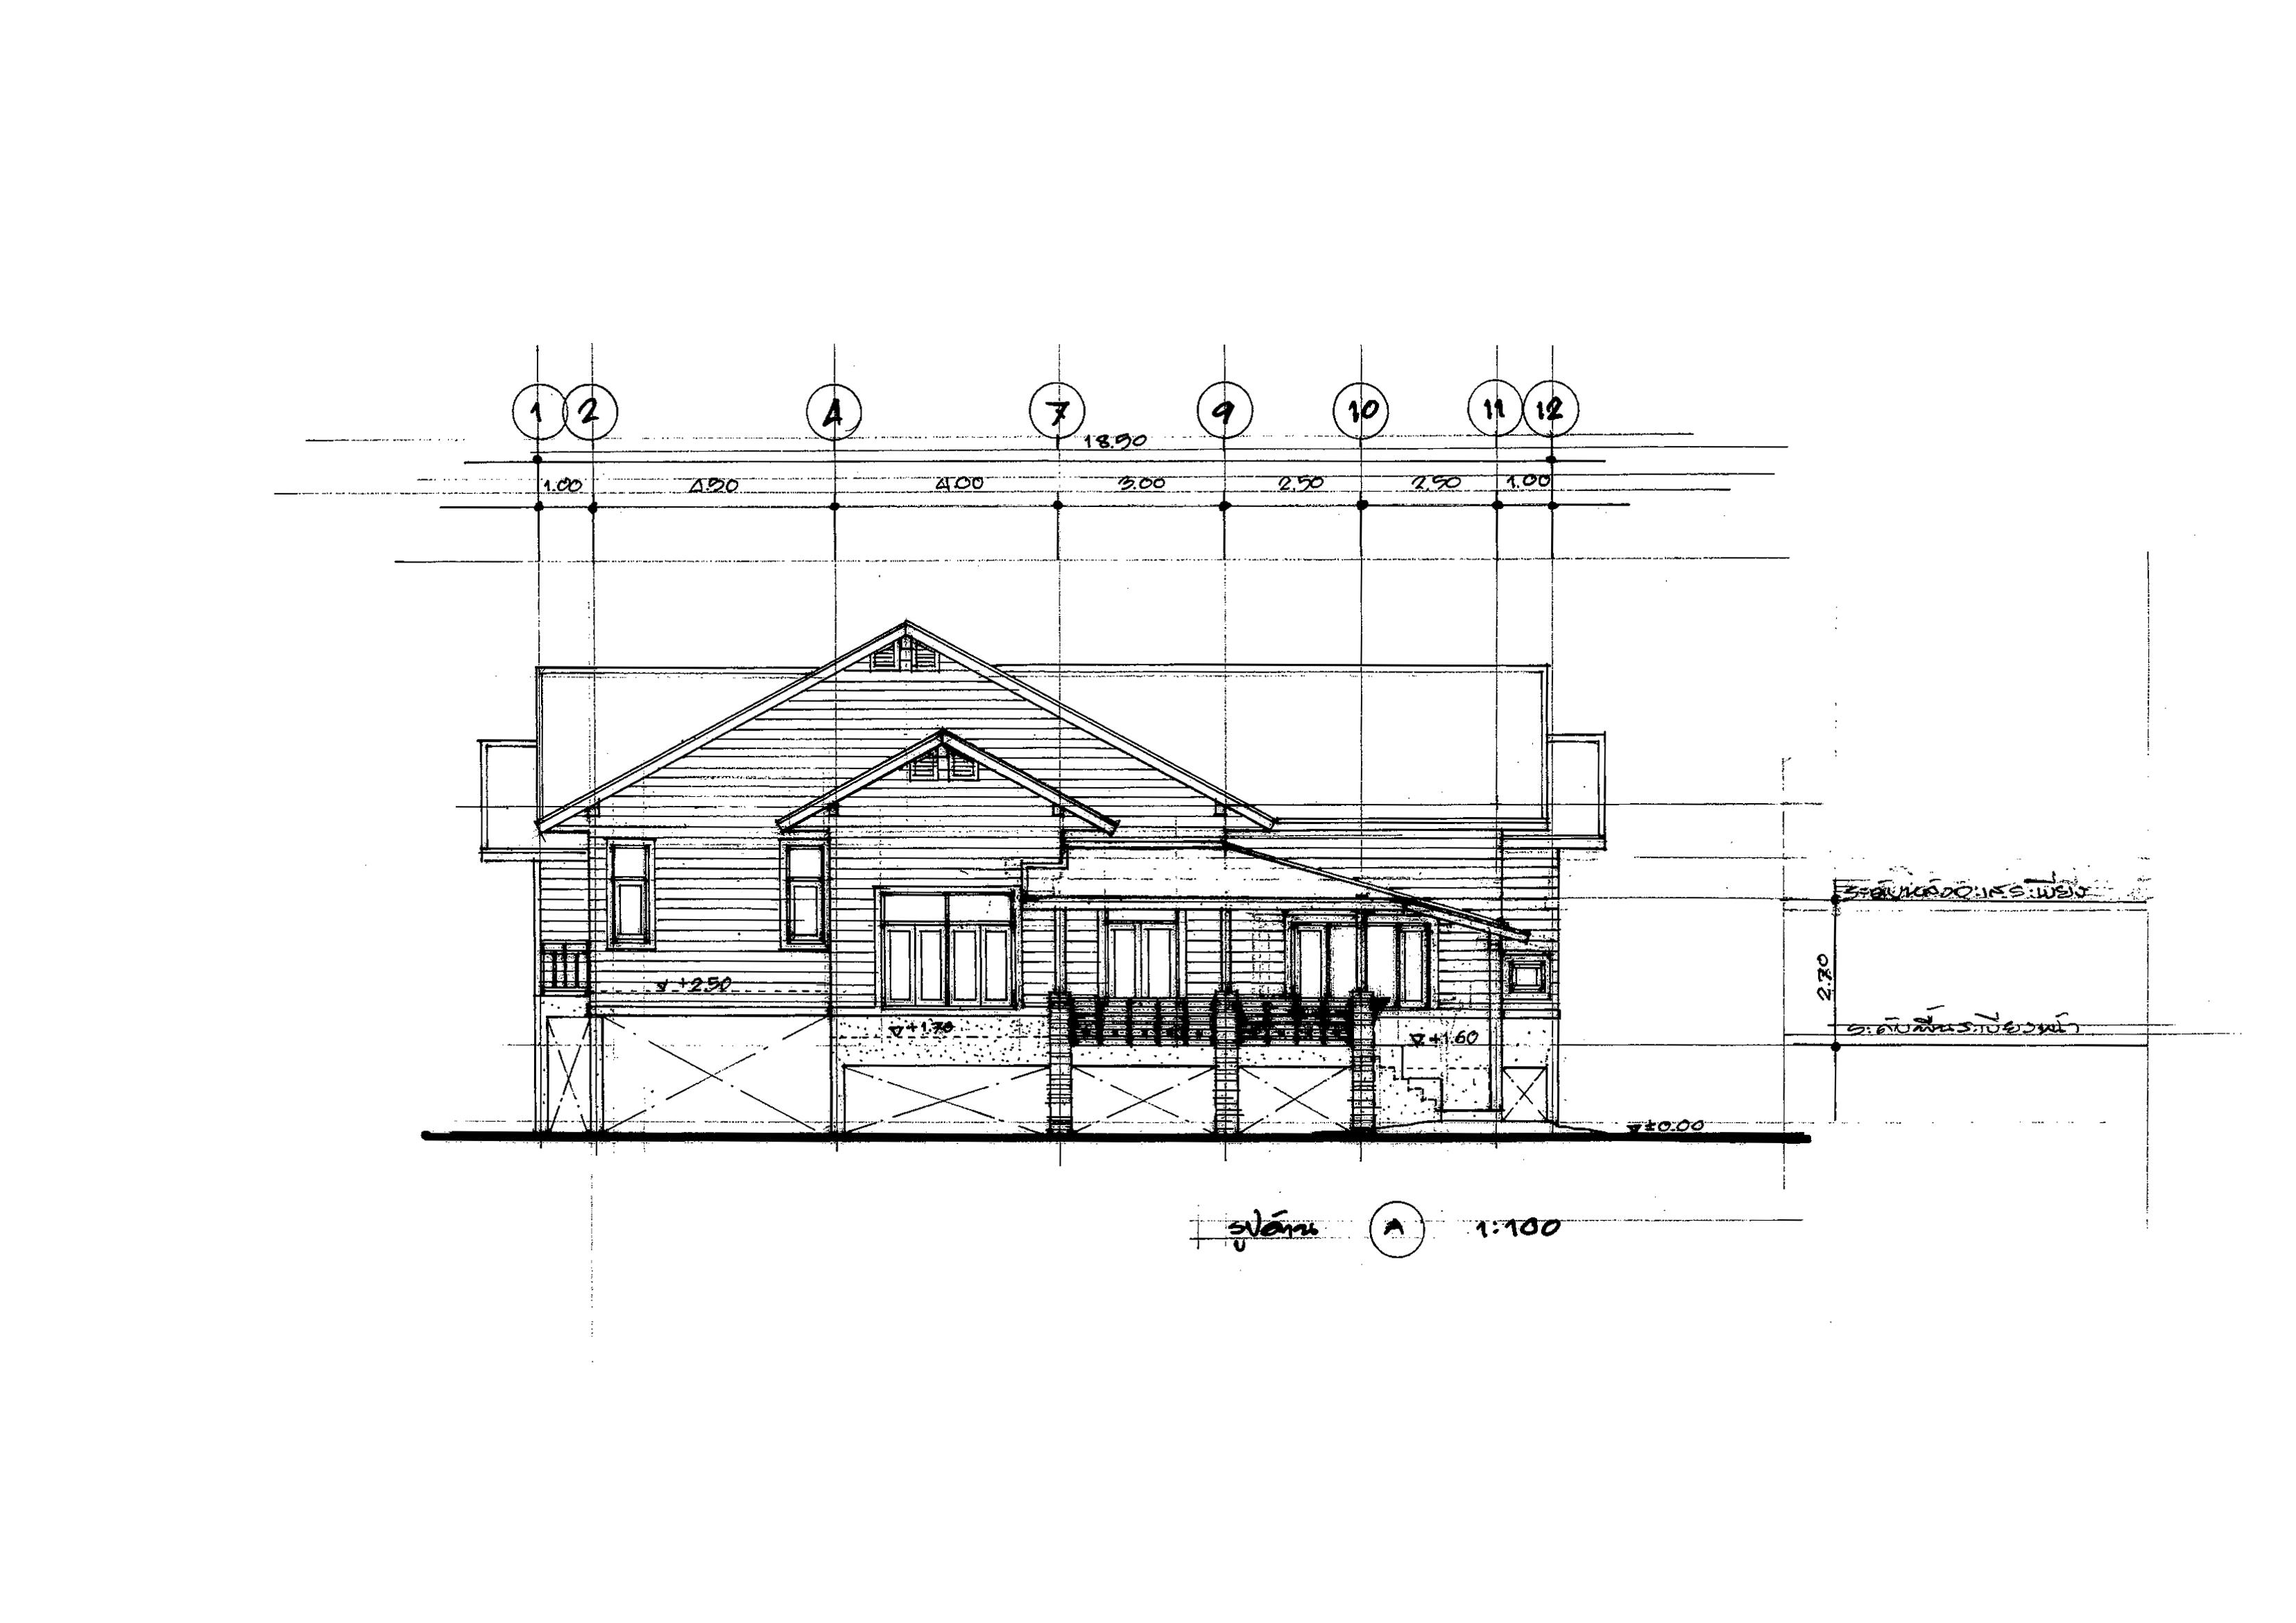 Bonanzabuilt-Portfolio-design6-3